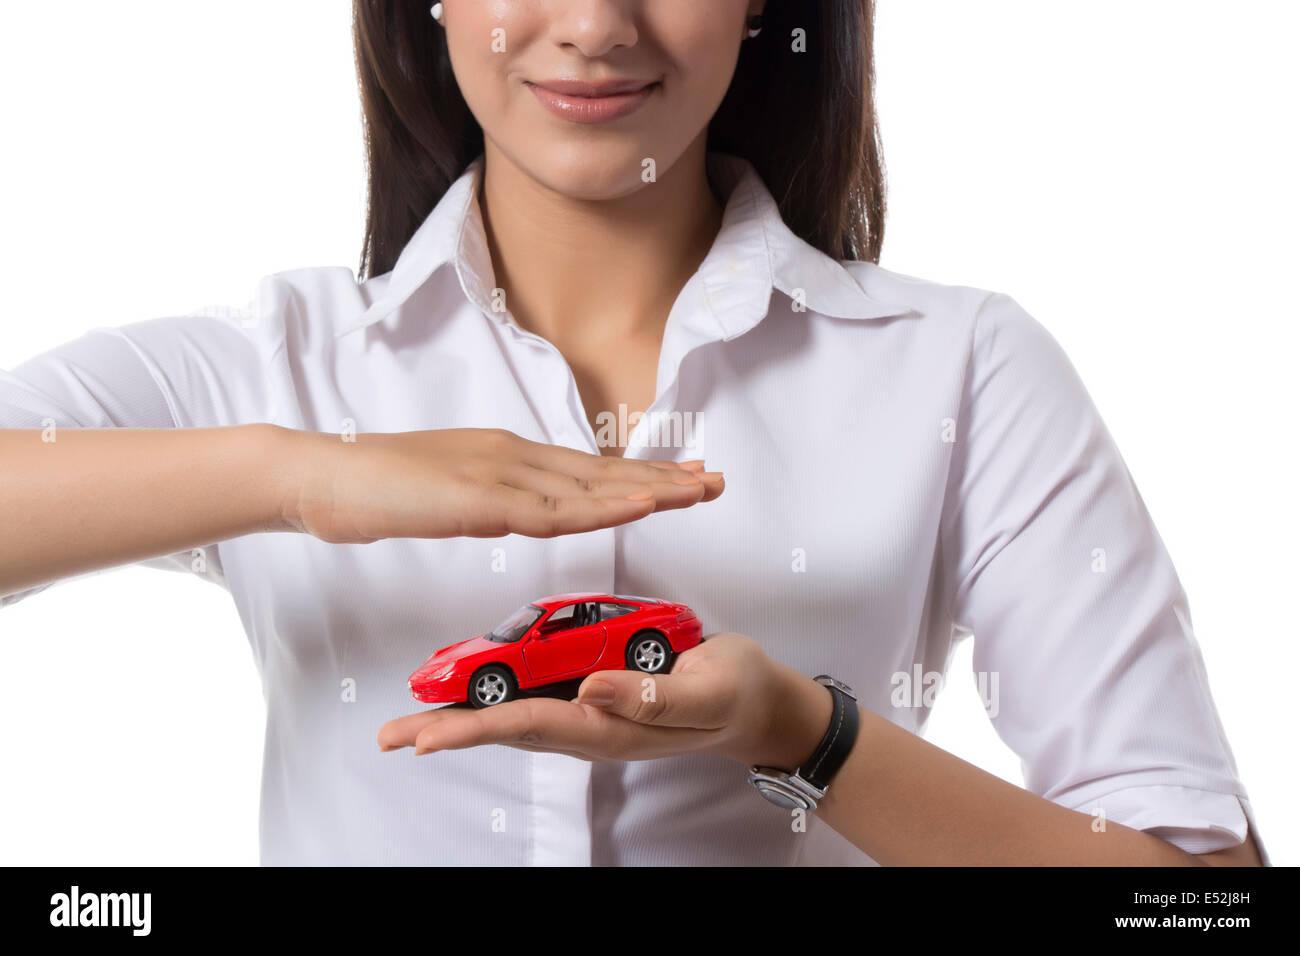 Central de hembras jóvenes de agente de seguros la celebración de coche de juguete contra el fondo blanco. Imagen De Stock